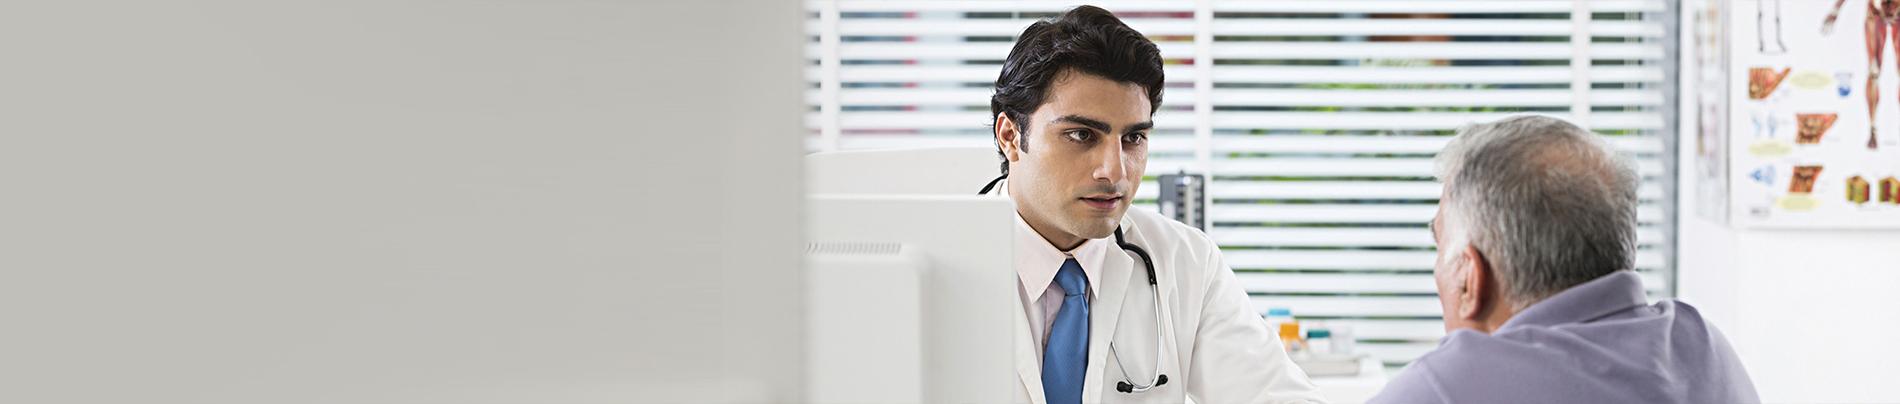 Best Preventive Medicine Hospital in Delhi NCR, India